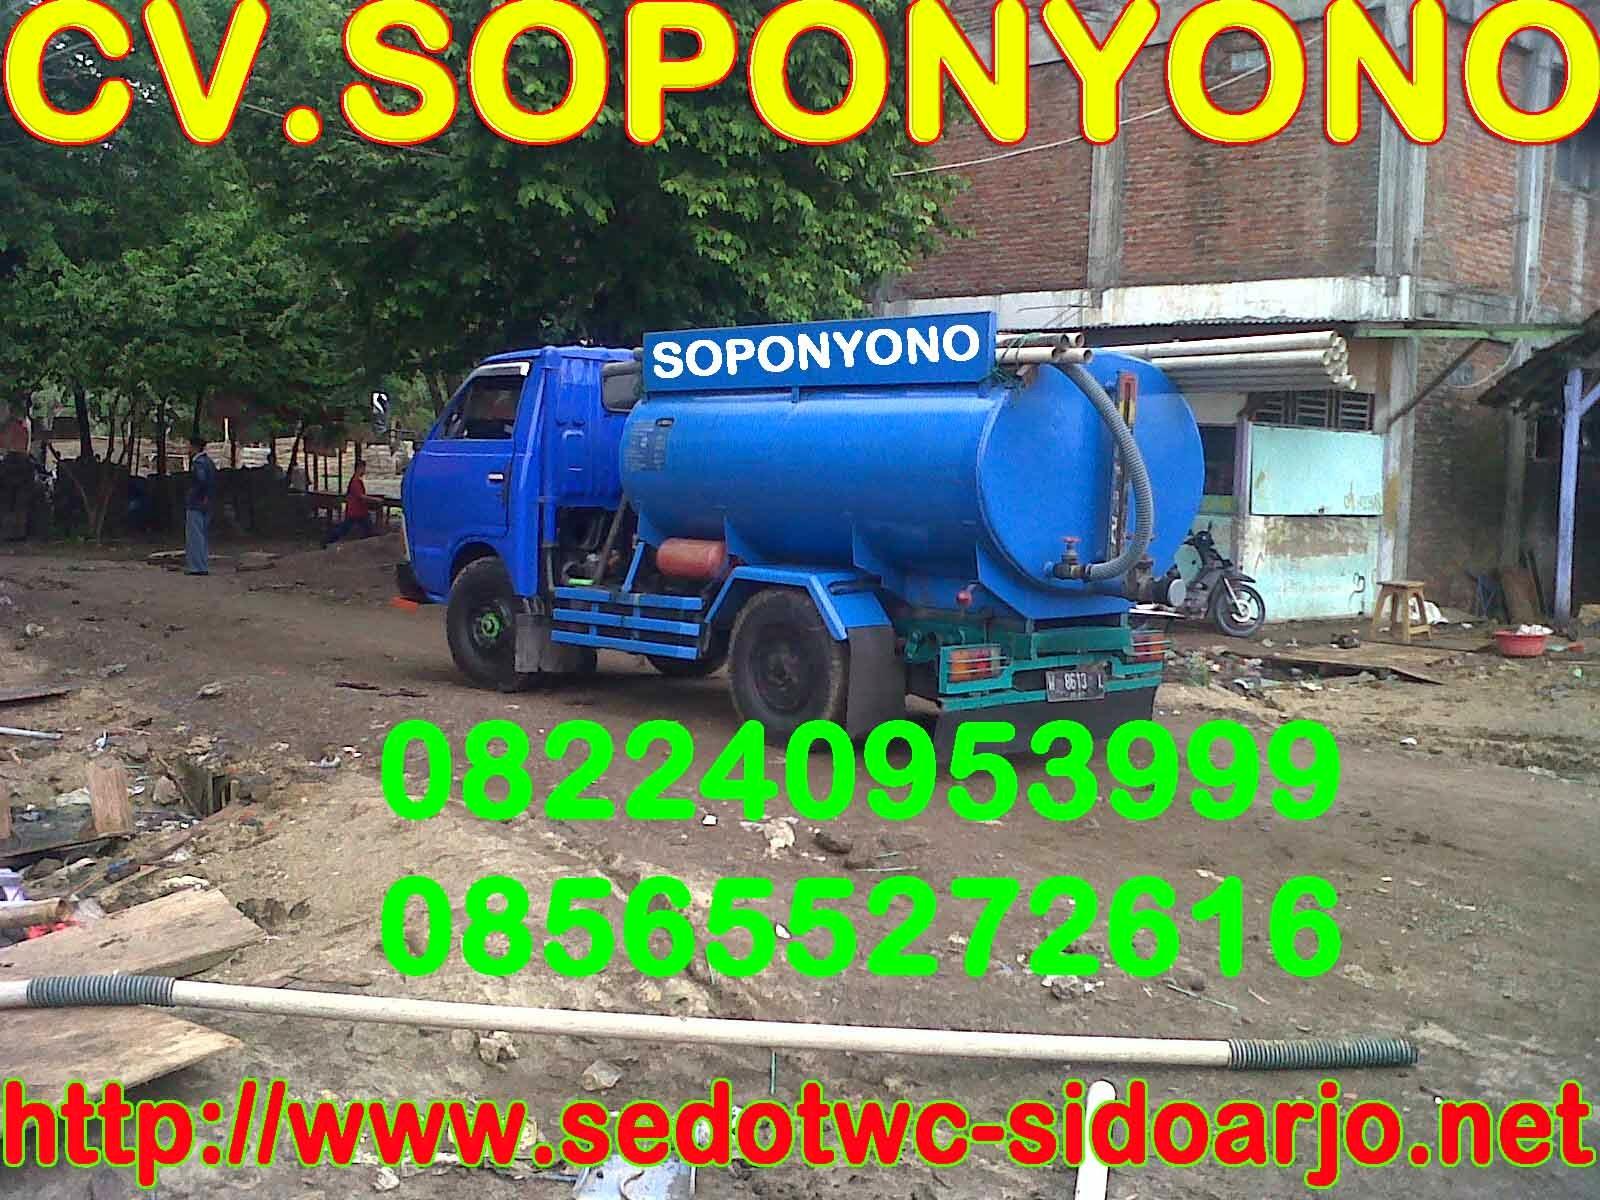 SEDOT WC/TINJA SIDOARJO MURAH | 085755555878